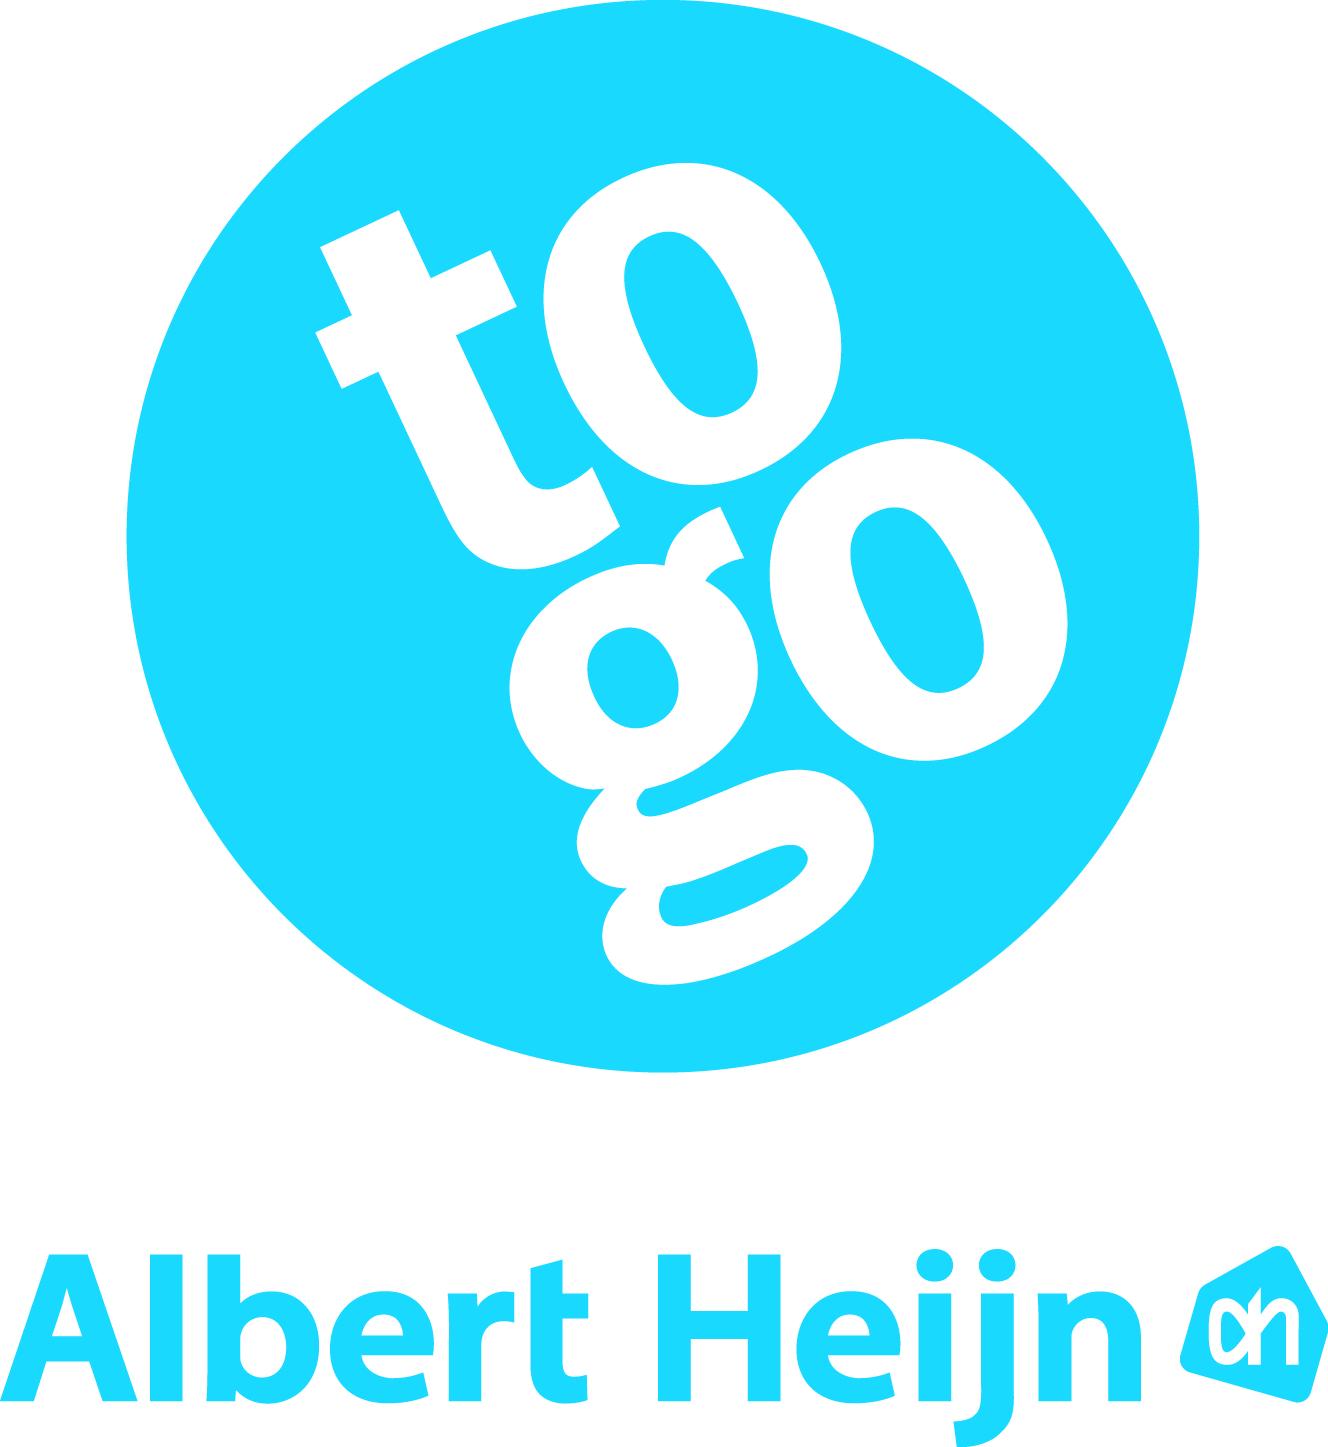 ah-to-go-logo.jpg